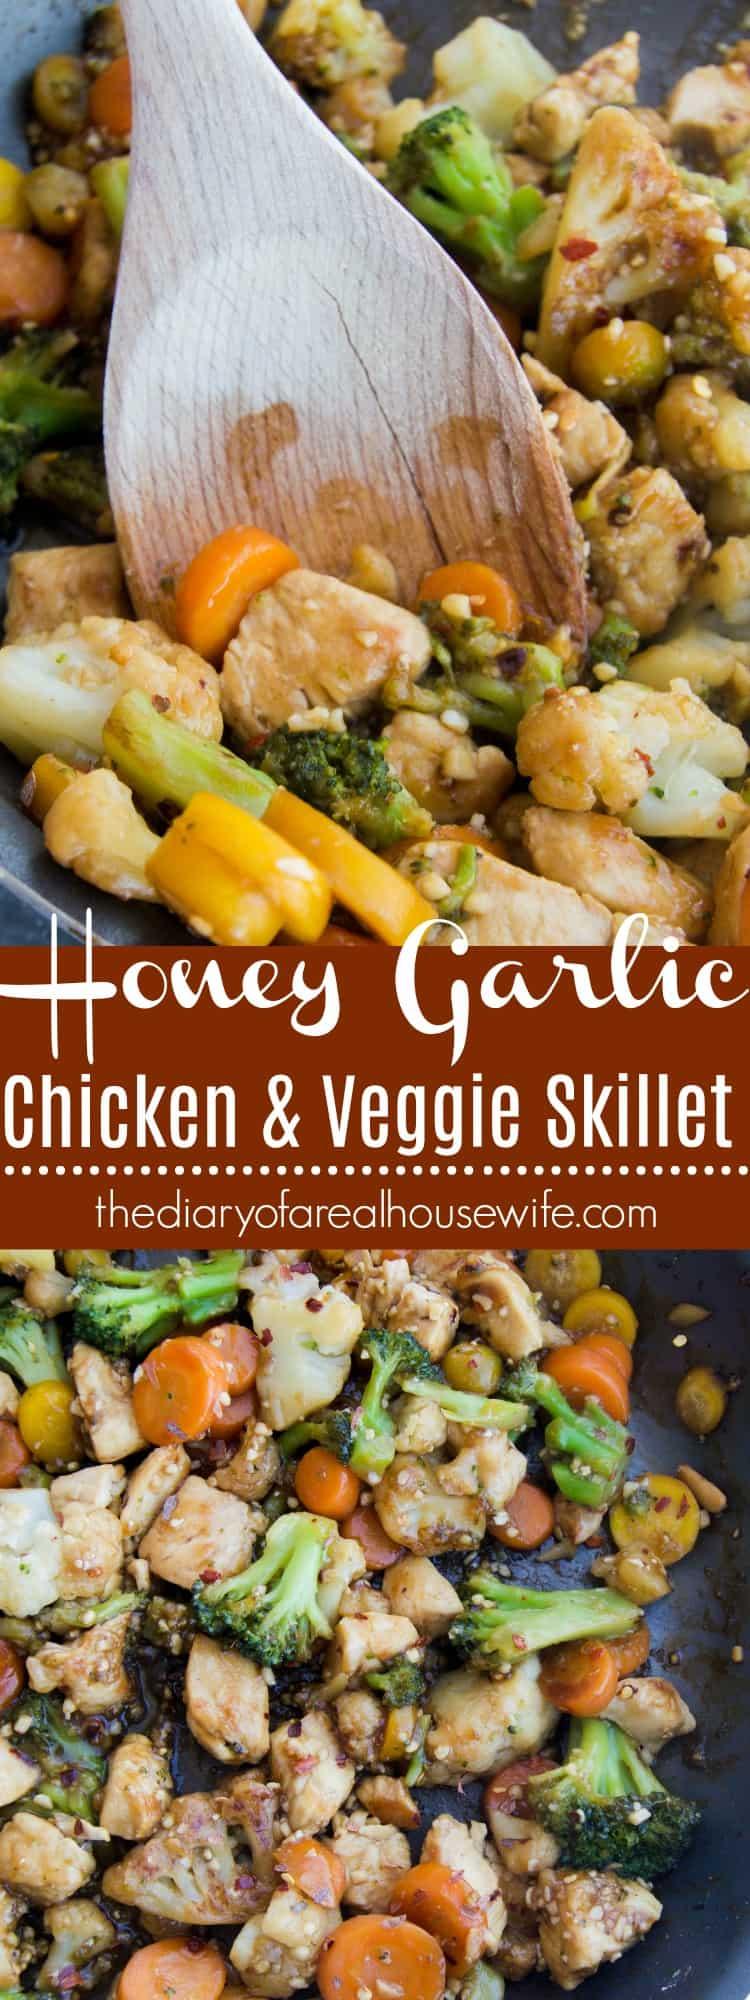 Honey Garlic Chicken and Veggie Skillet